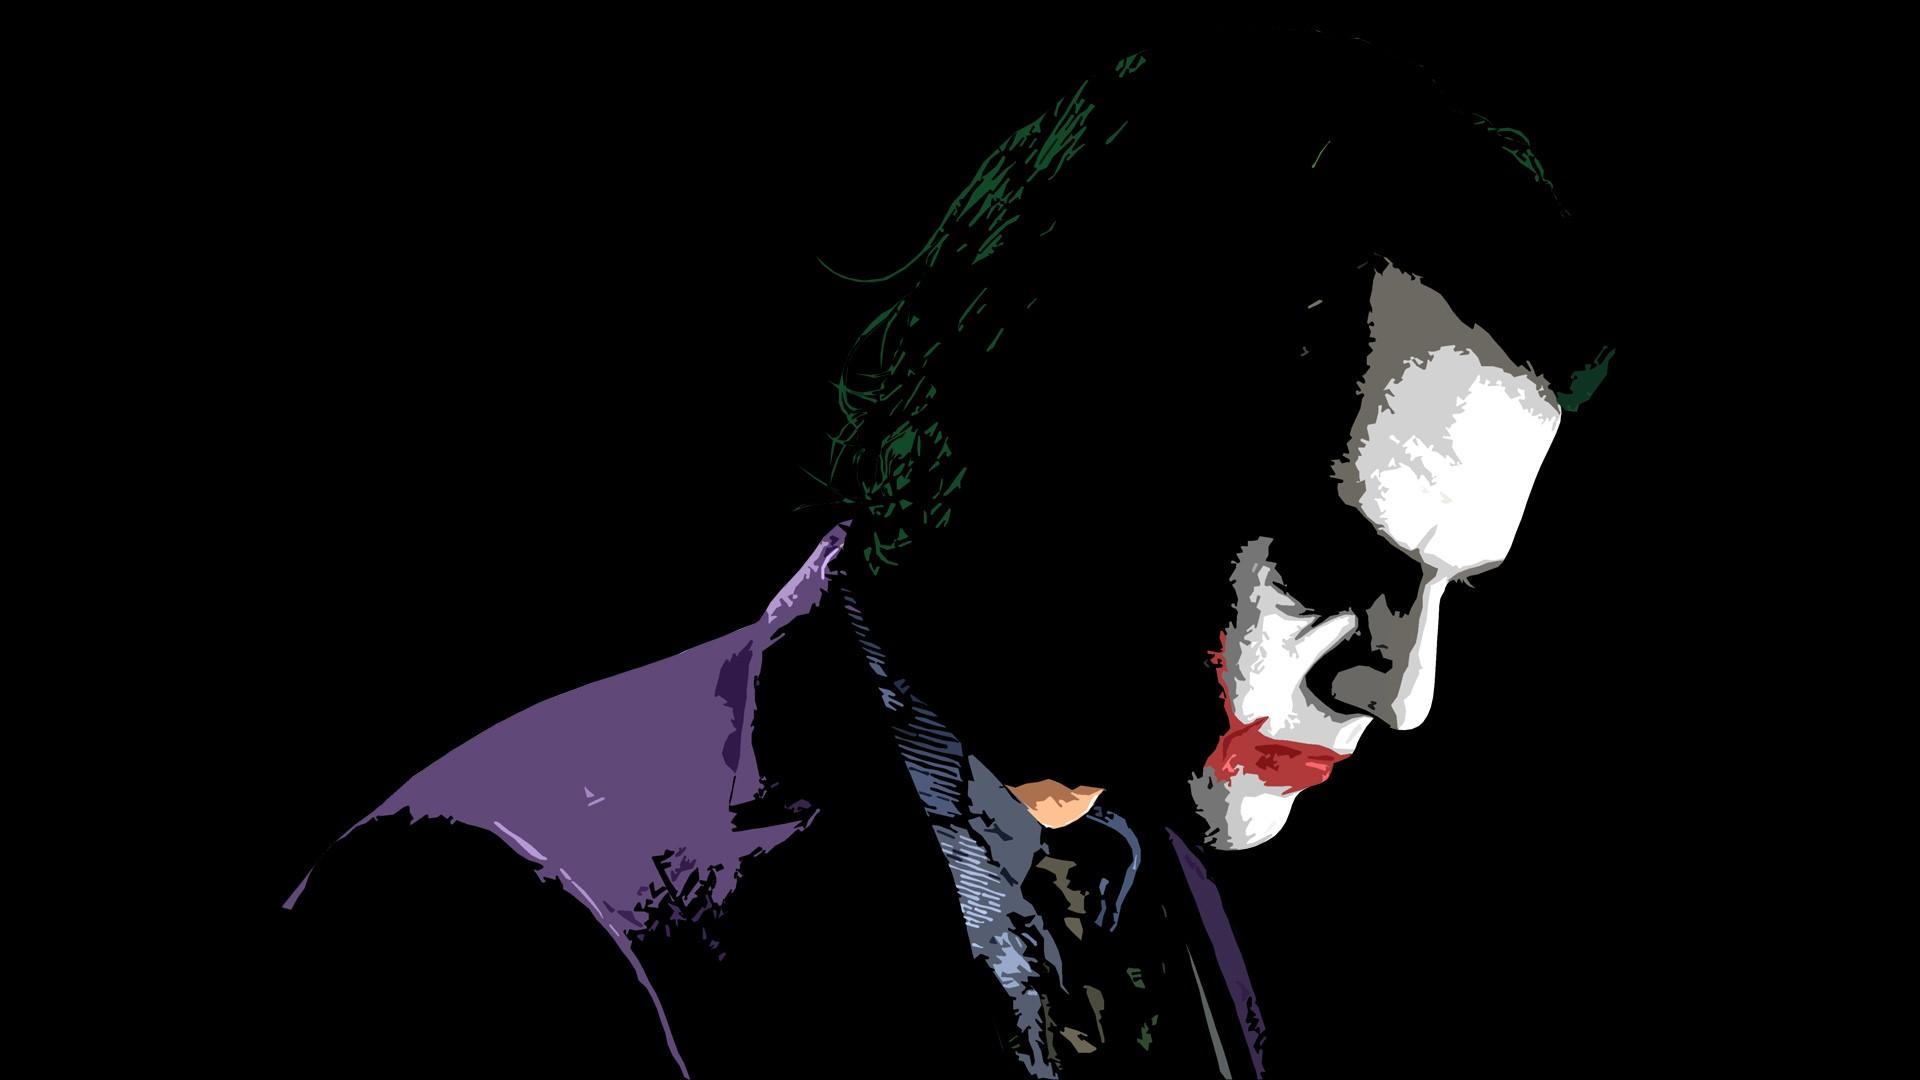 Joker mac wallpaper